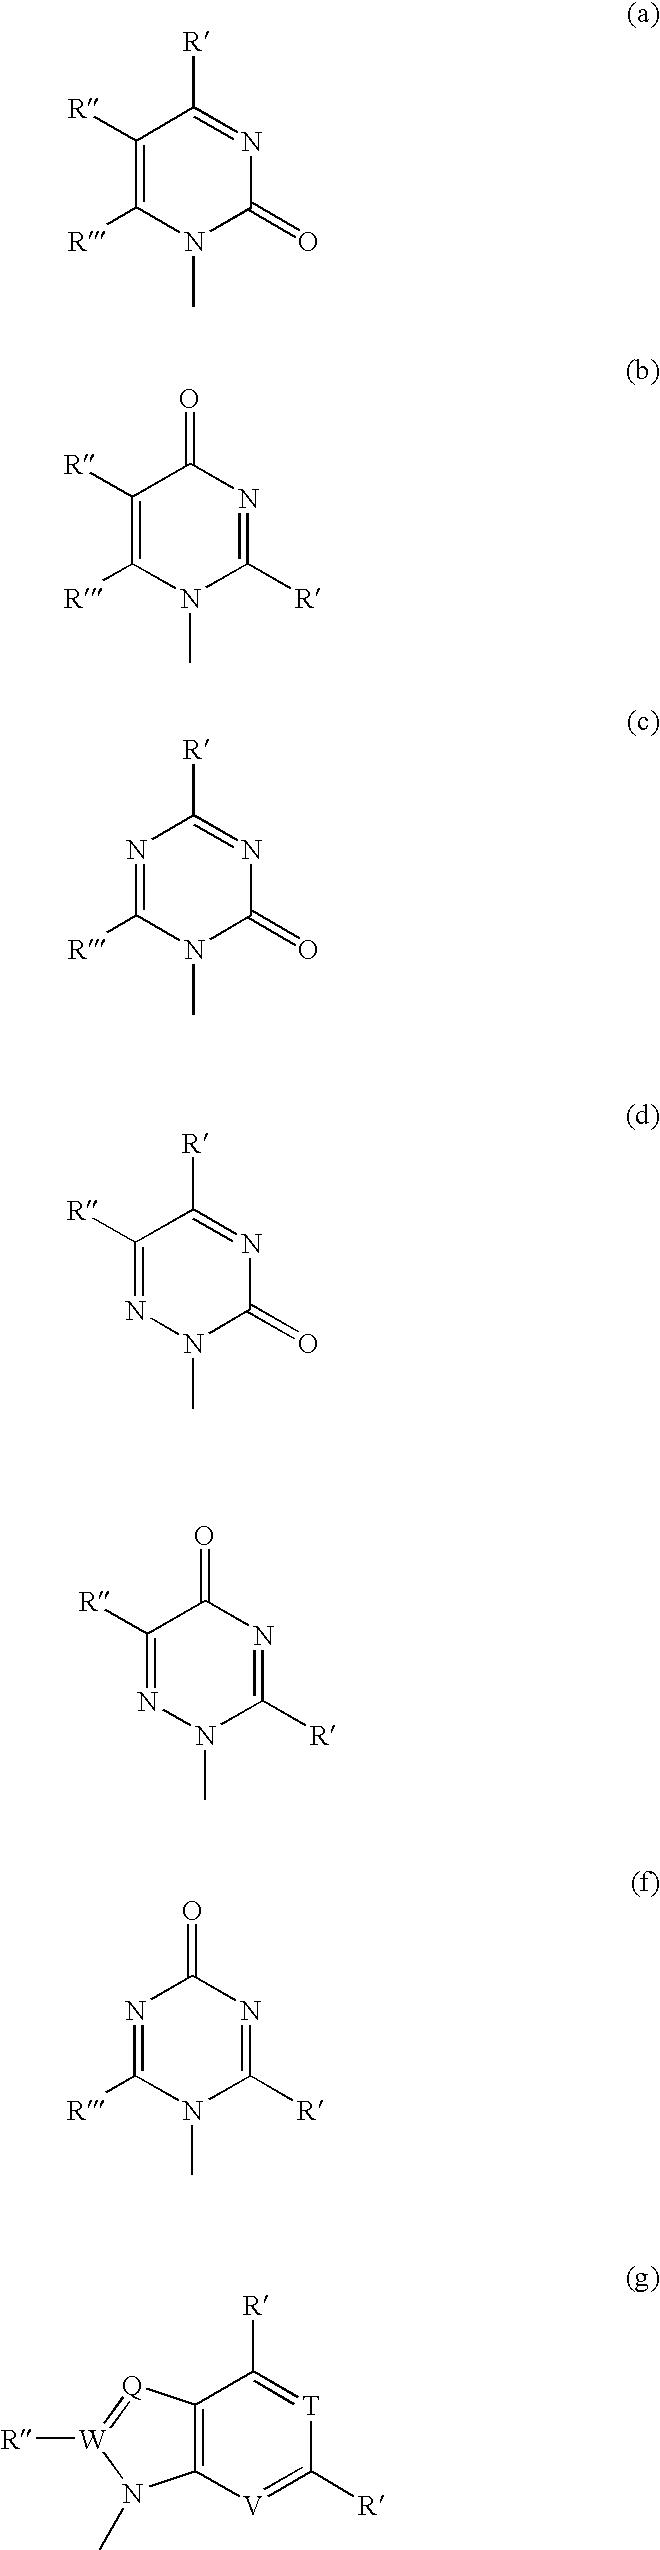 Figure US07608600-20091027-C00063